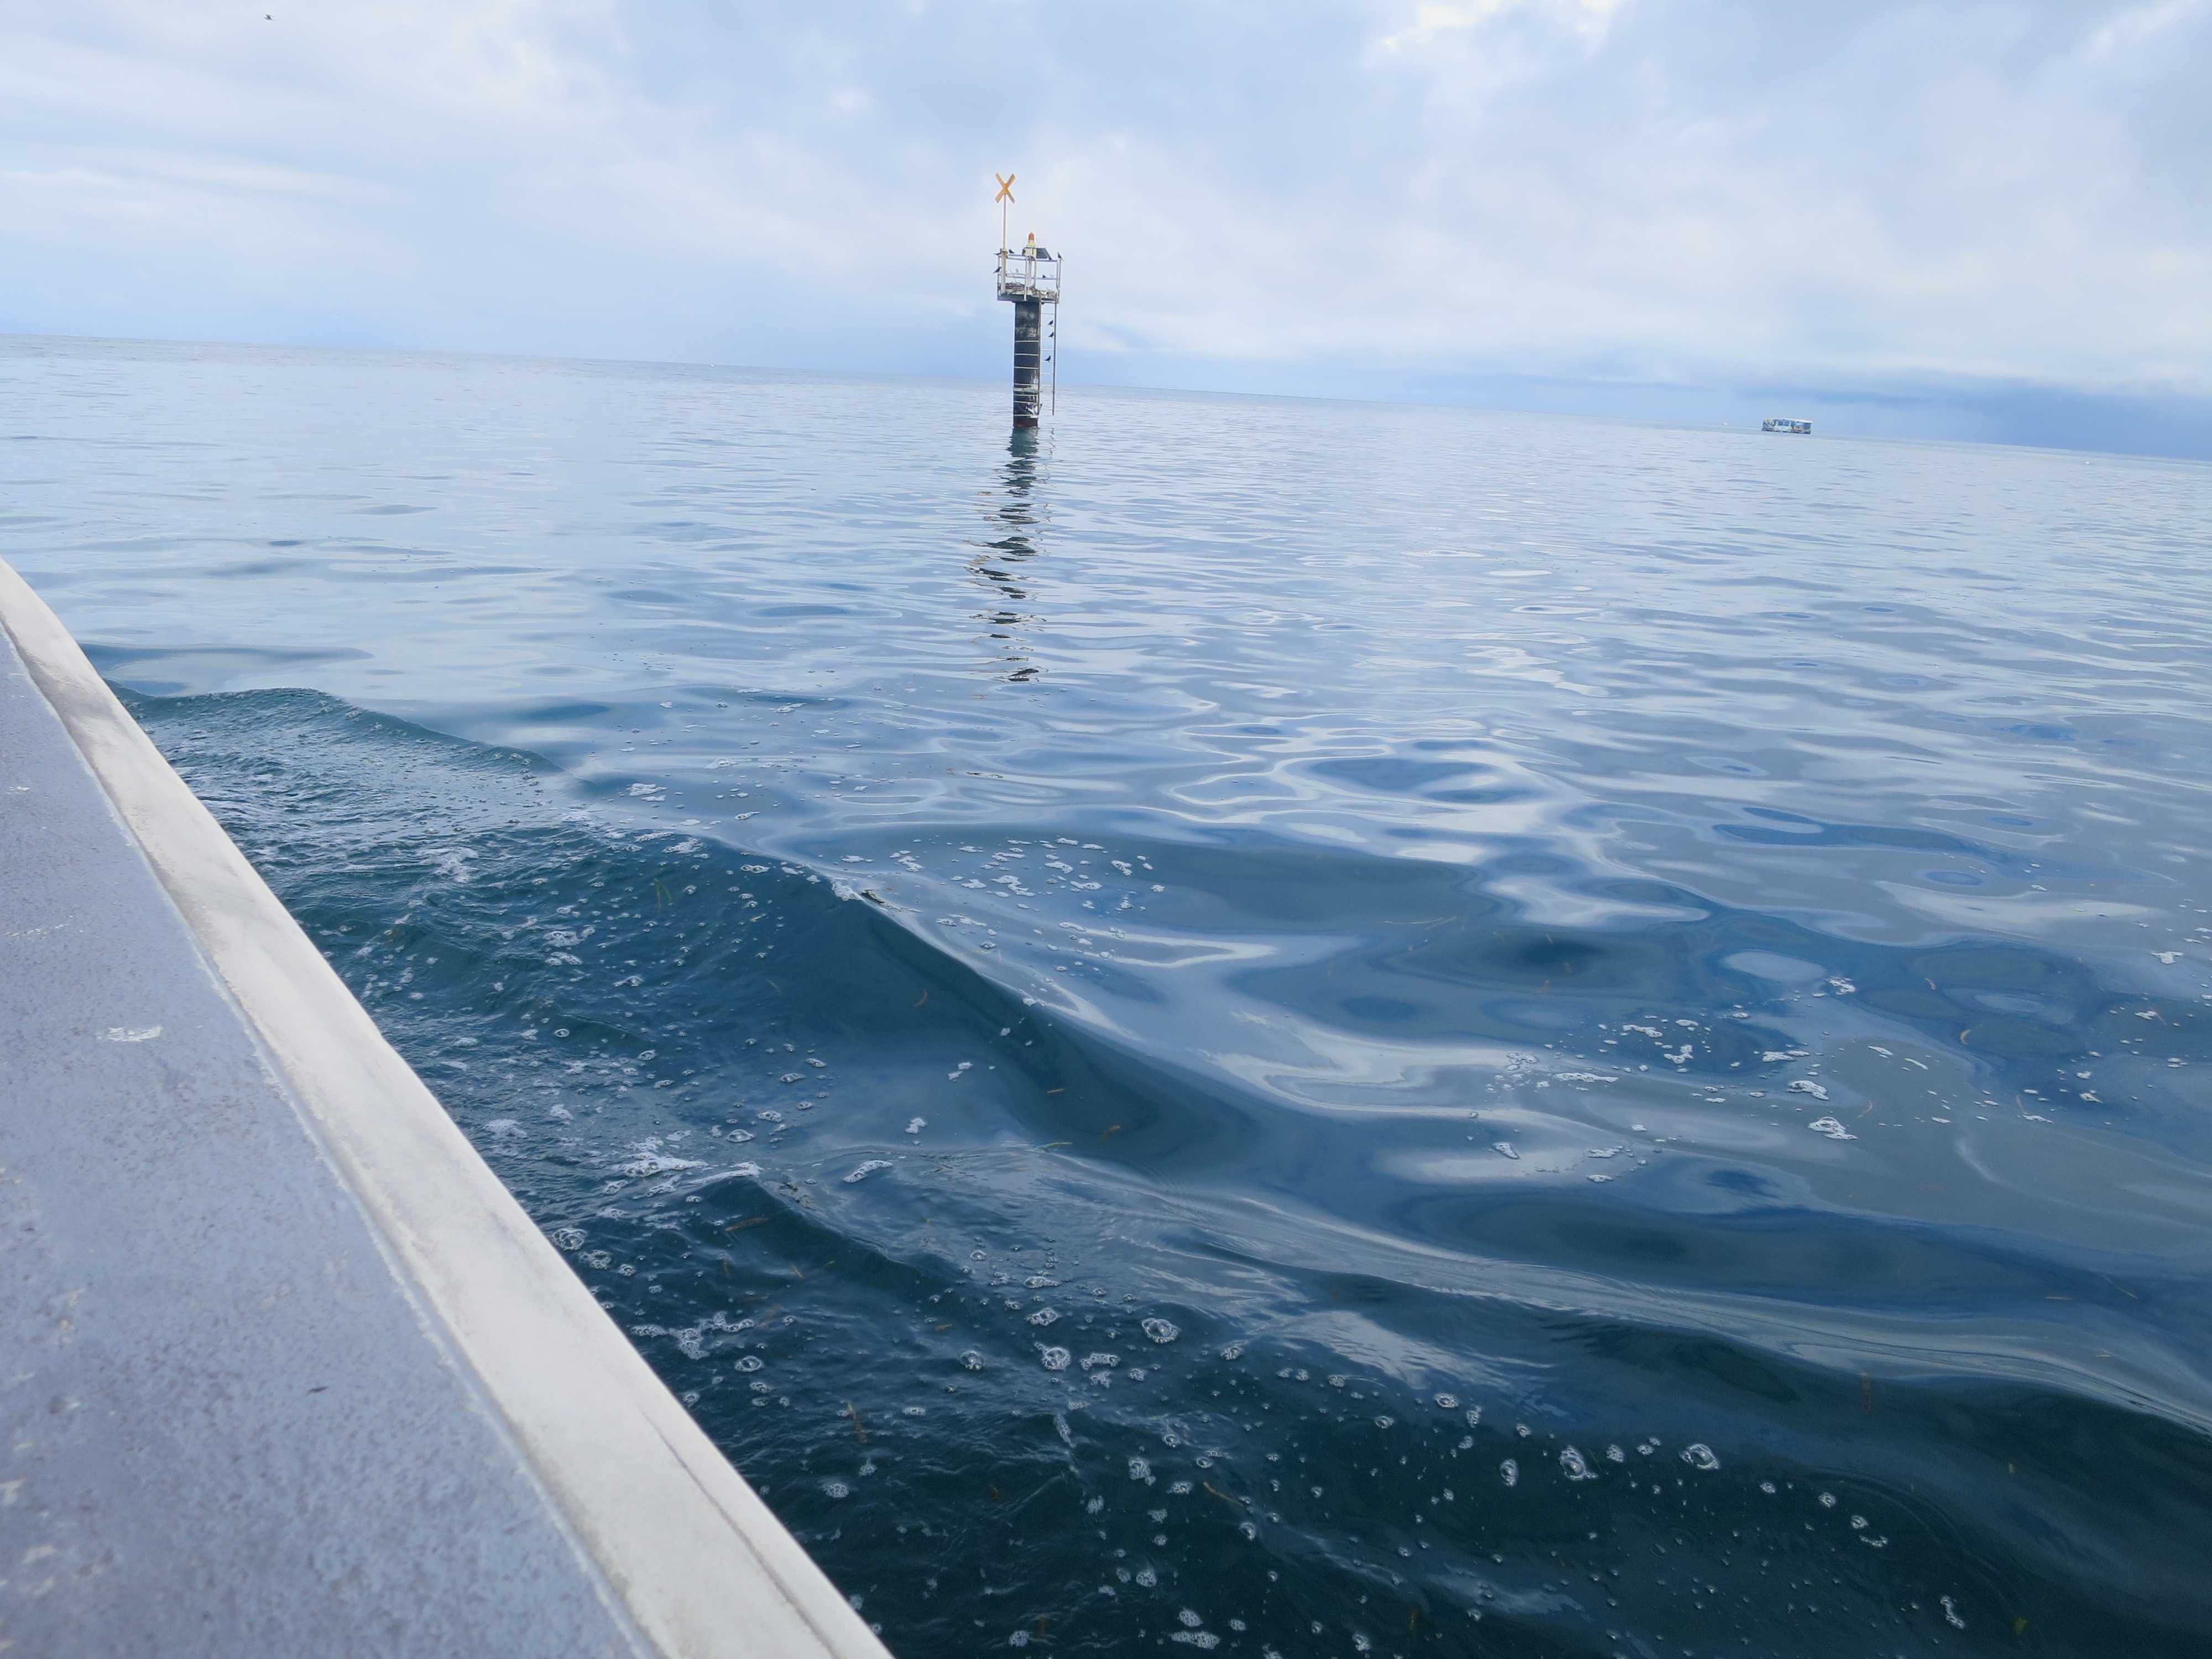 グリーン島 グラスボートからの眺め